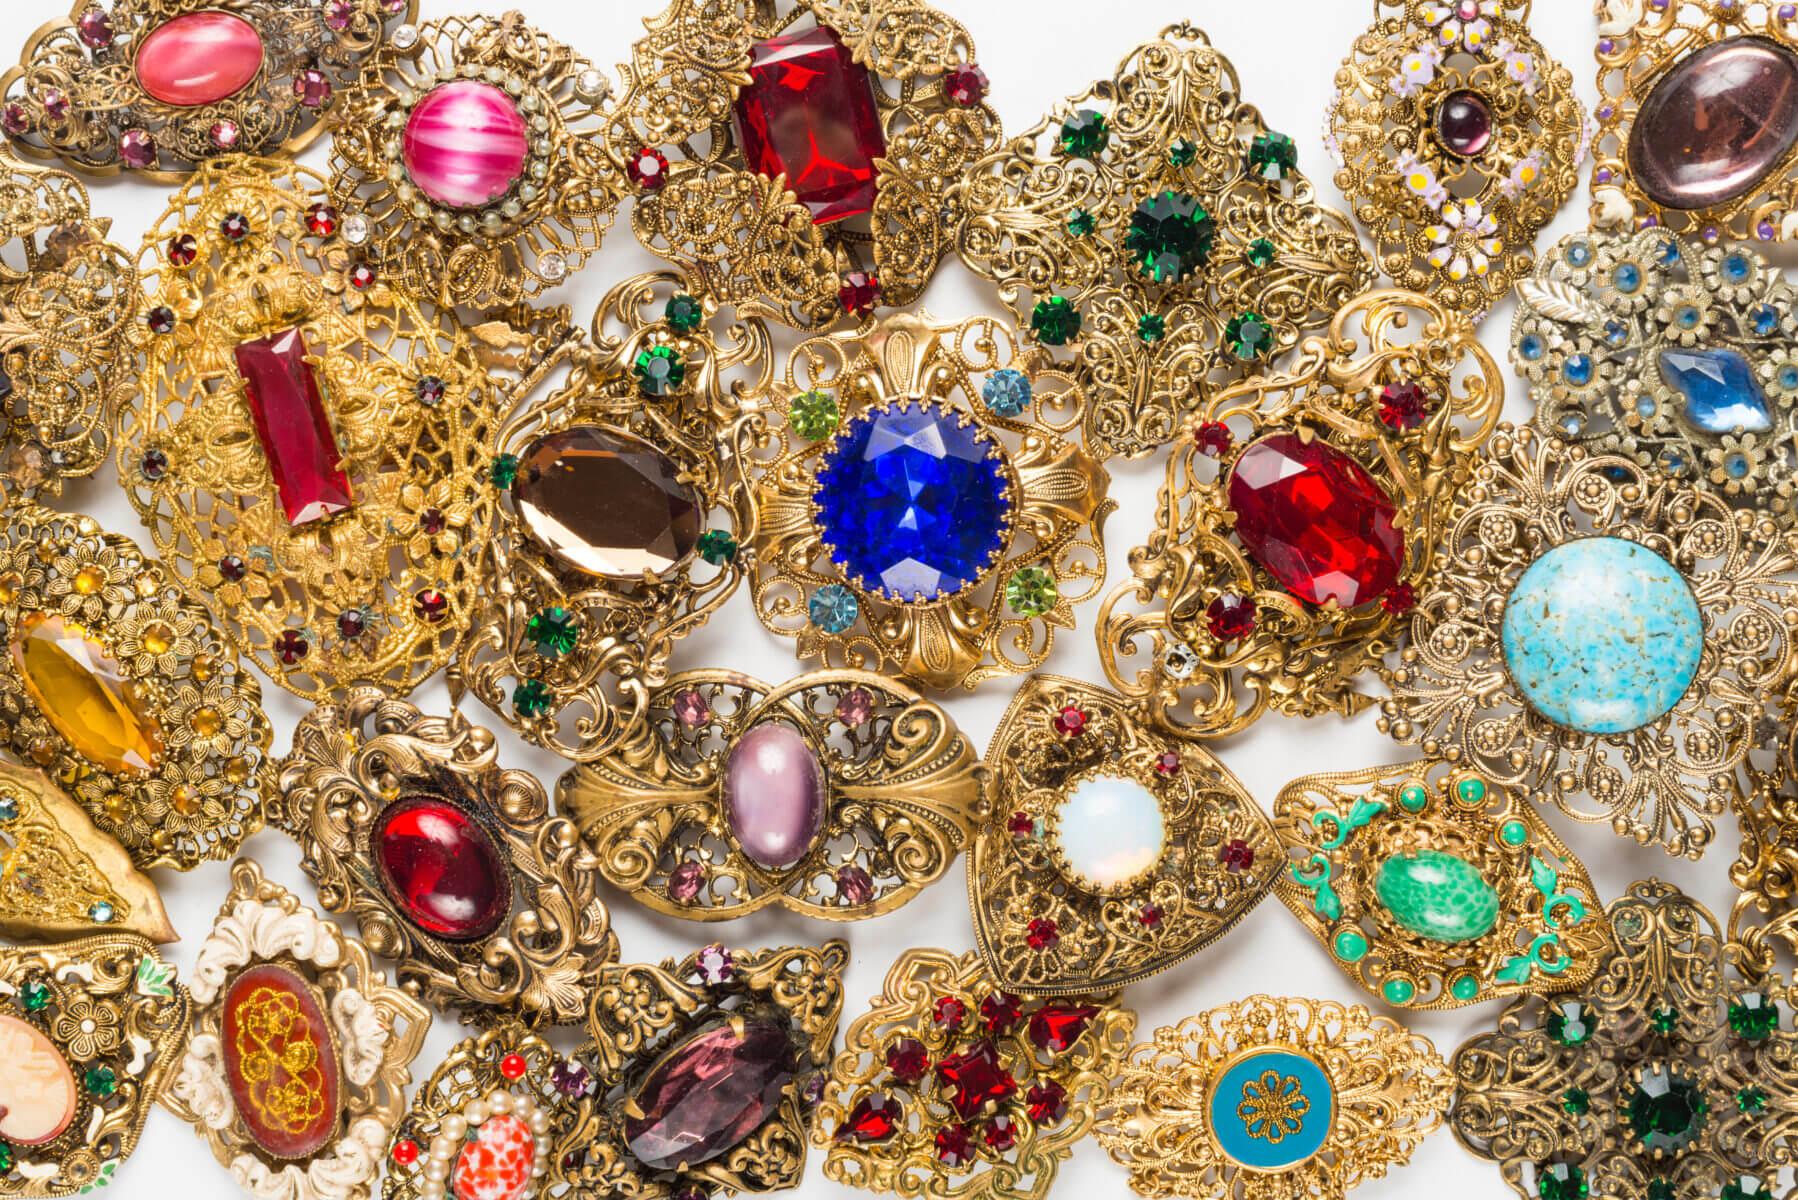 Biżuteria wiktoriańska- era rozkwitu biżuterii w czasie rządów jednej królowej